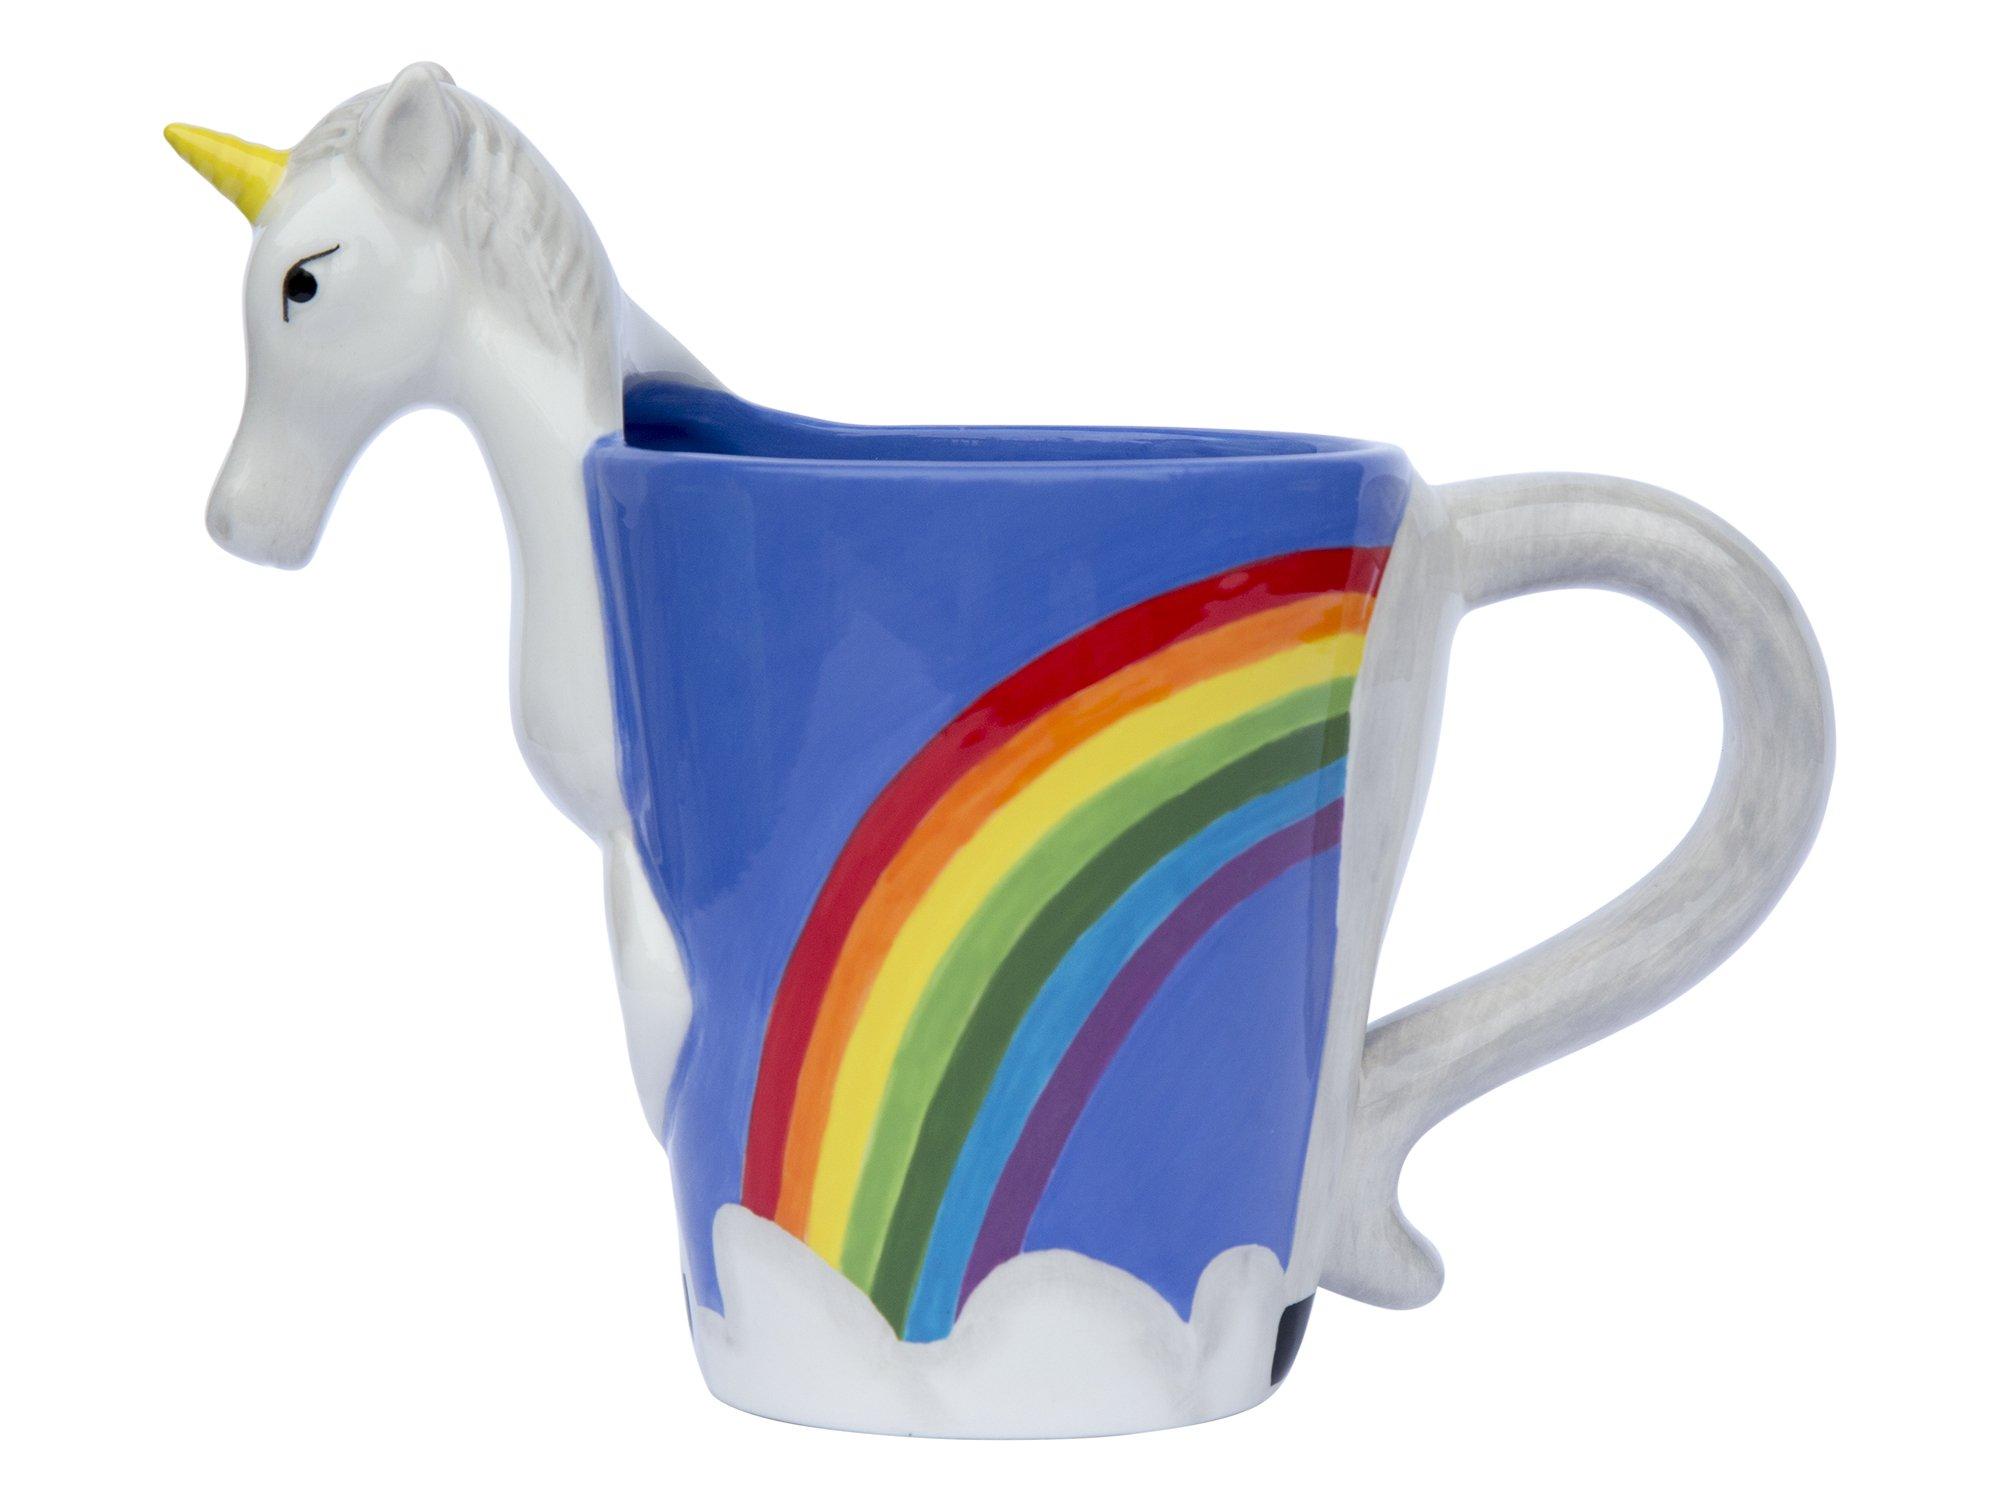 Ceramic Unicorn Coffee Mug w/ Rainbow by Comfify - Sweet & Fantastical 3D Unicorn Design w/ Magical Rainbow - Unique… 3